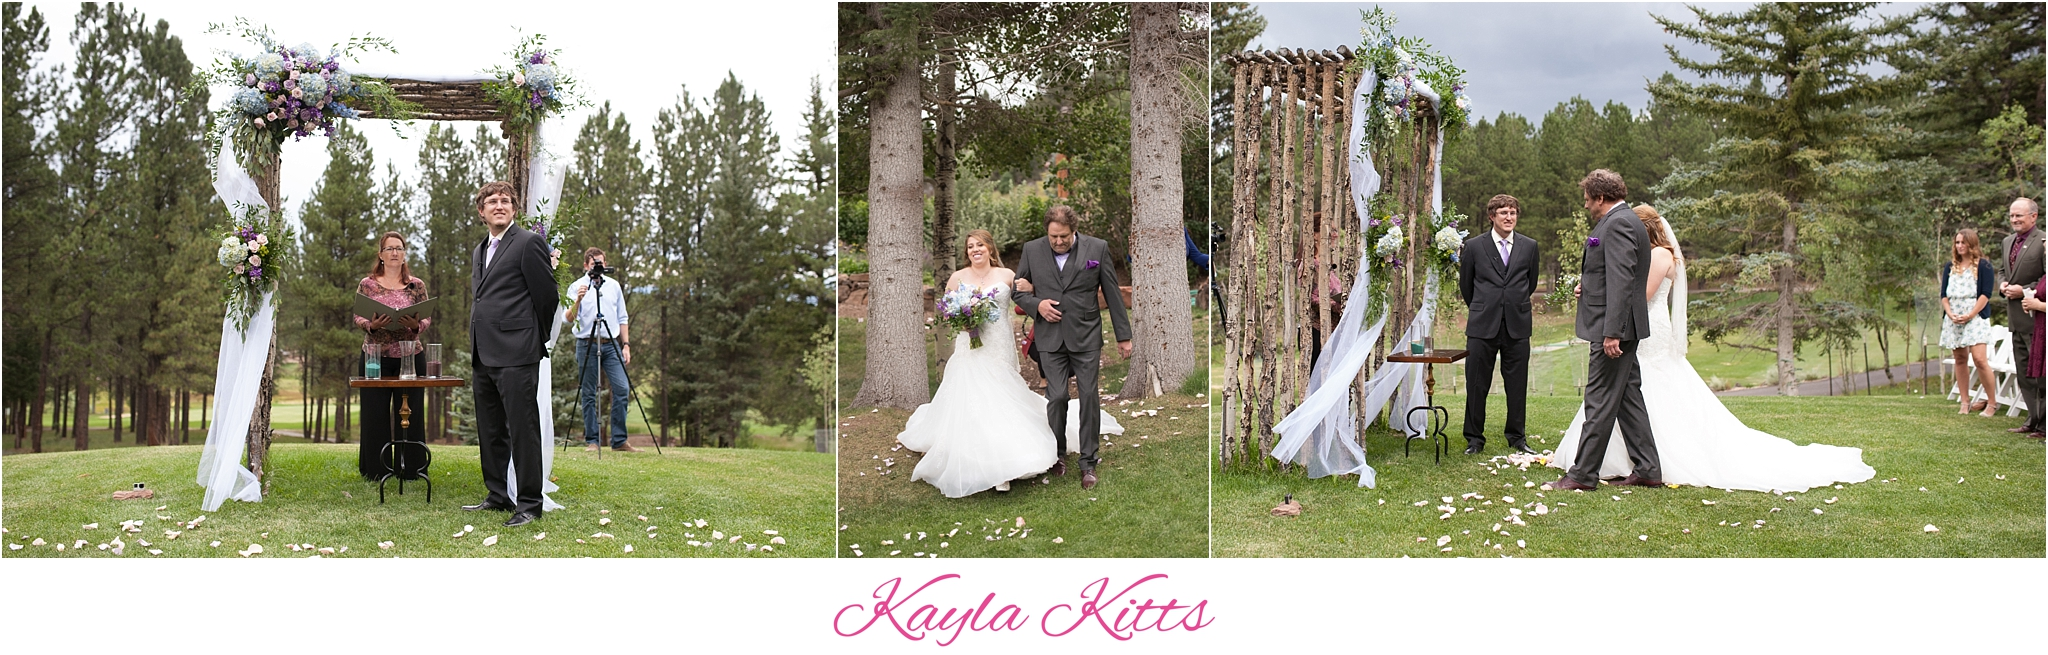 kayla kitts photography - albuquerque wedding photographer - angel fire wedding photographer - angel fire country club - albuquerque venue - casa de suenos - hotel albuquerque wedding - new mexico wedding photographer_0012.jpg